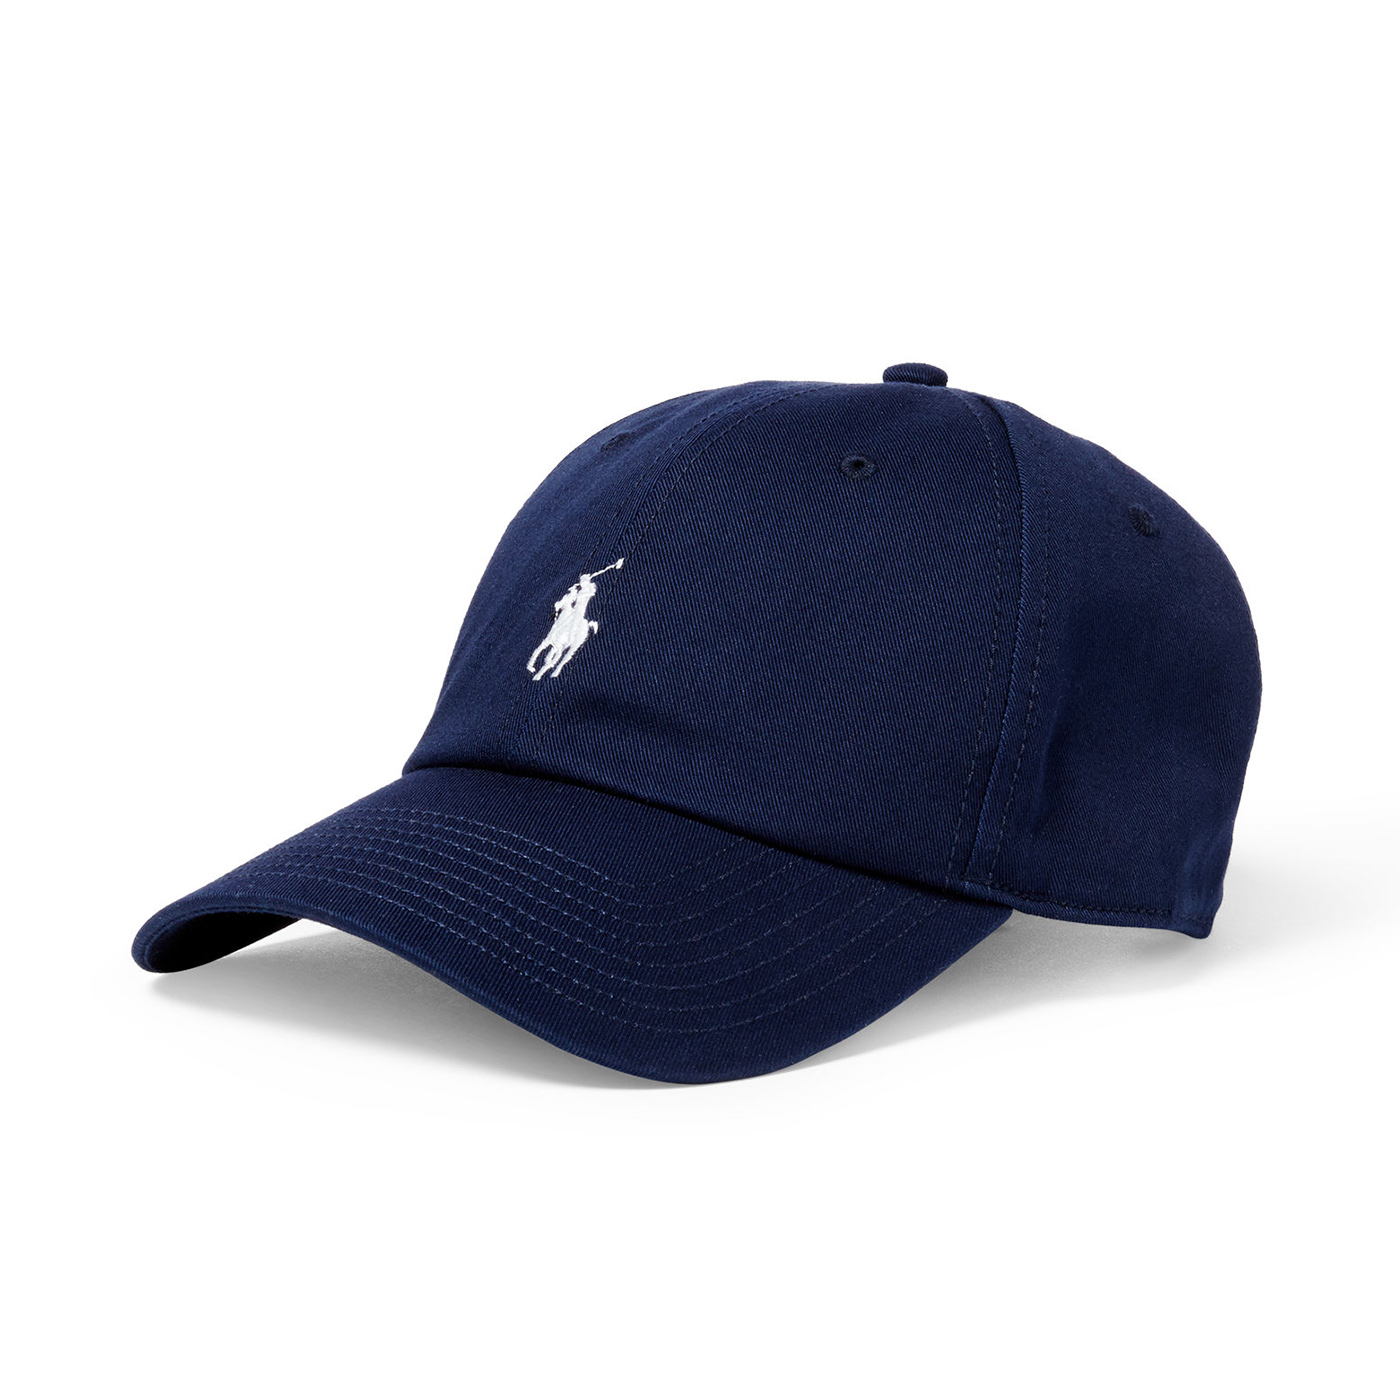 美國百分百【全新真品】Ralph Lauren 帽子 RL 配件 棒球帽 Polo 小馬 帆布 刺繡 男 深藍 A732